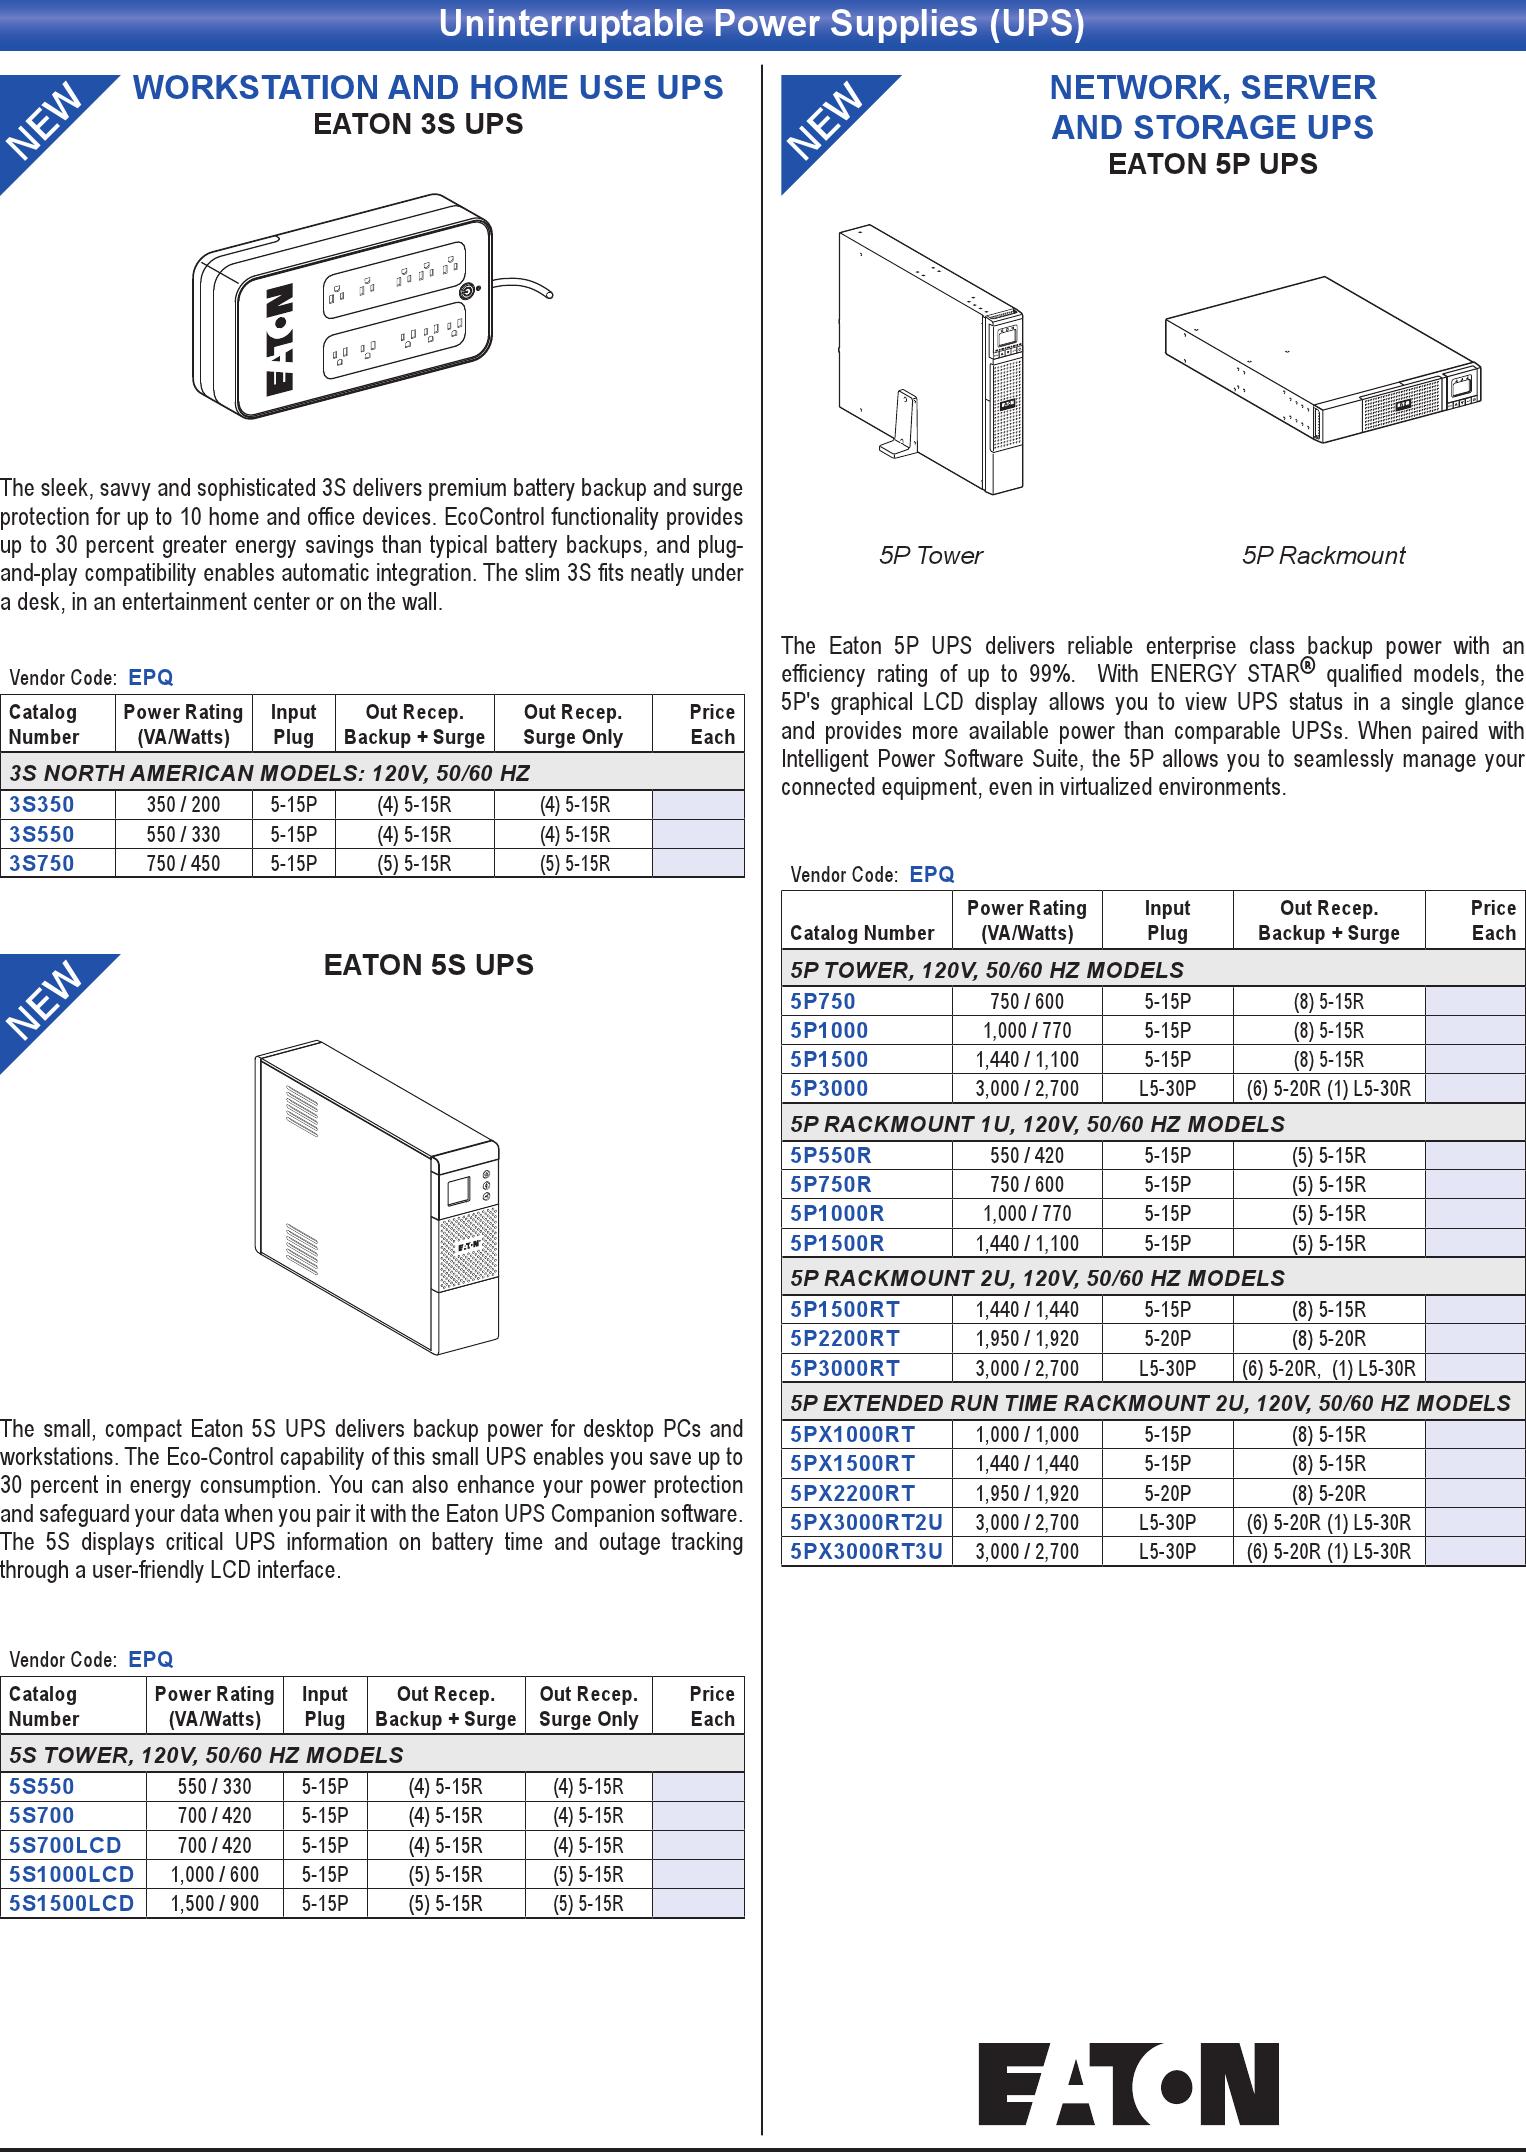 Rack Mounted Ups Wiring Diagram Detailed Schematics Apc Kvm Uninterruptable Power Supplies Devices Data Telecom Strip Add